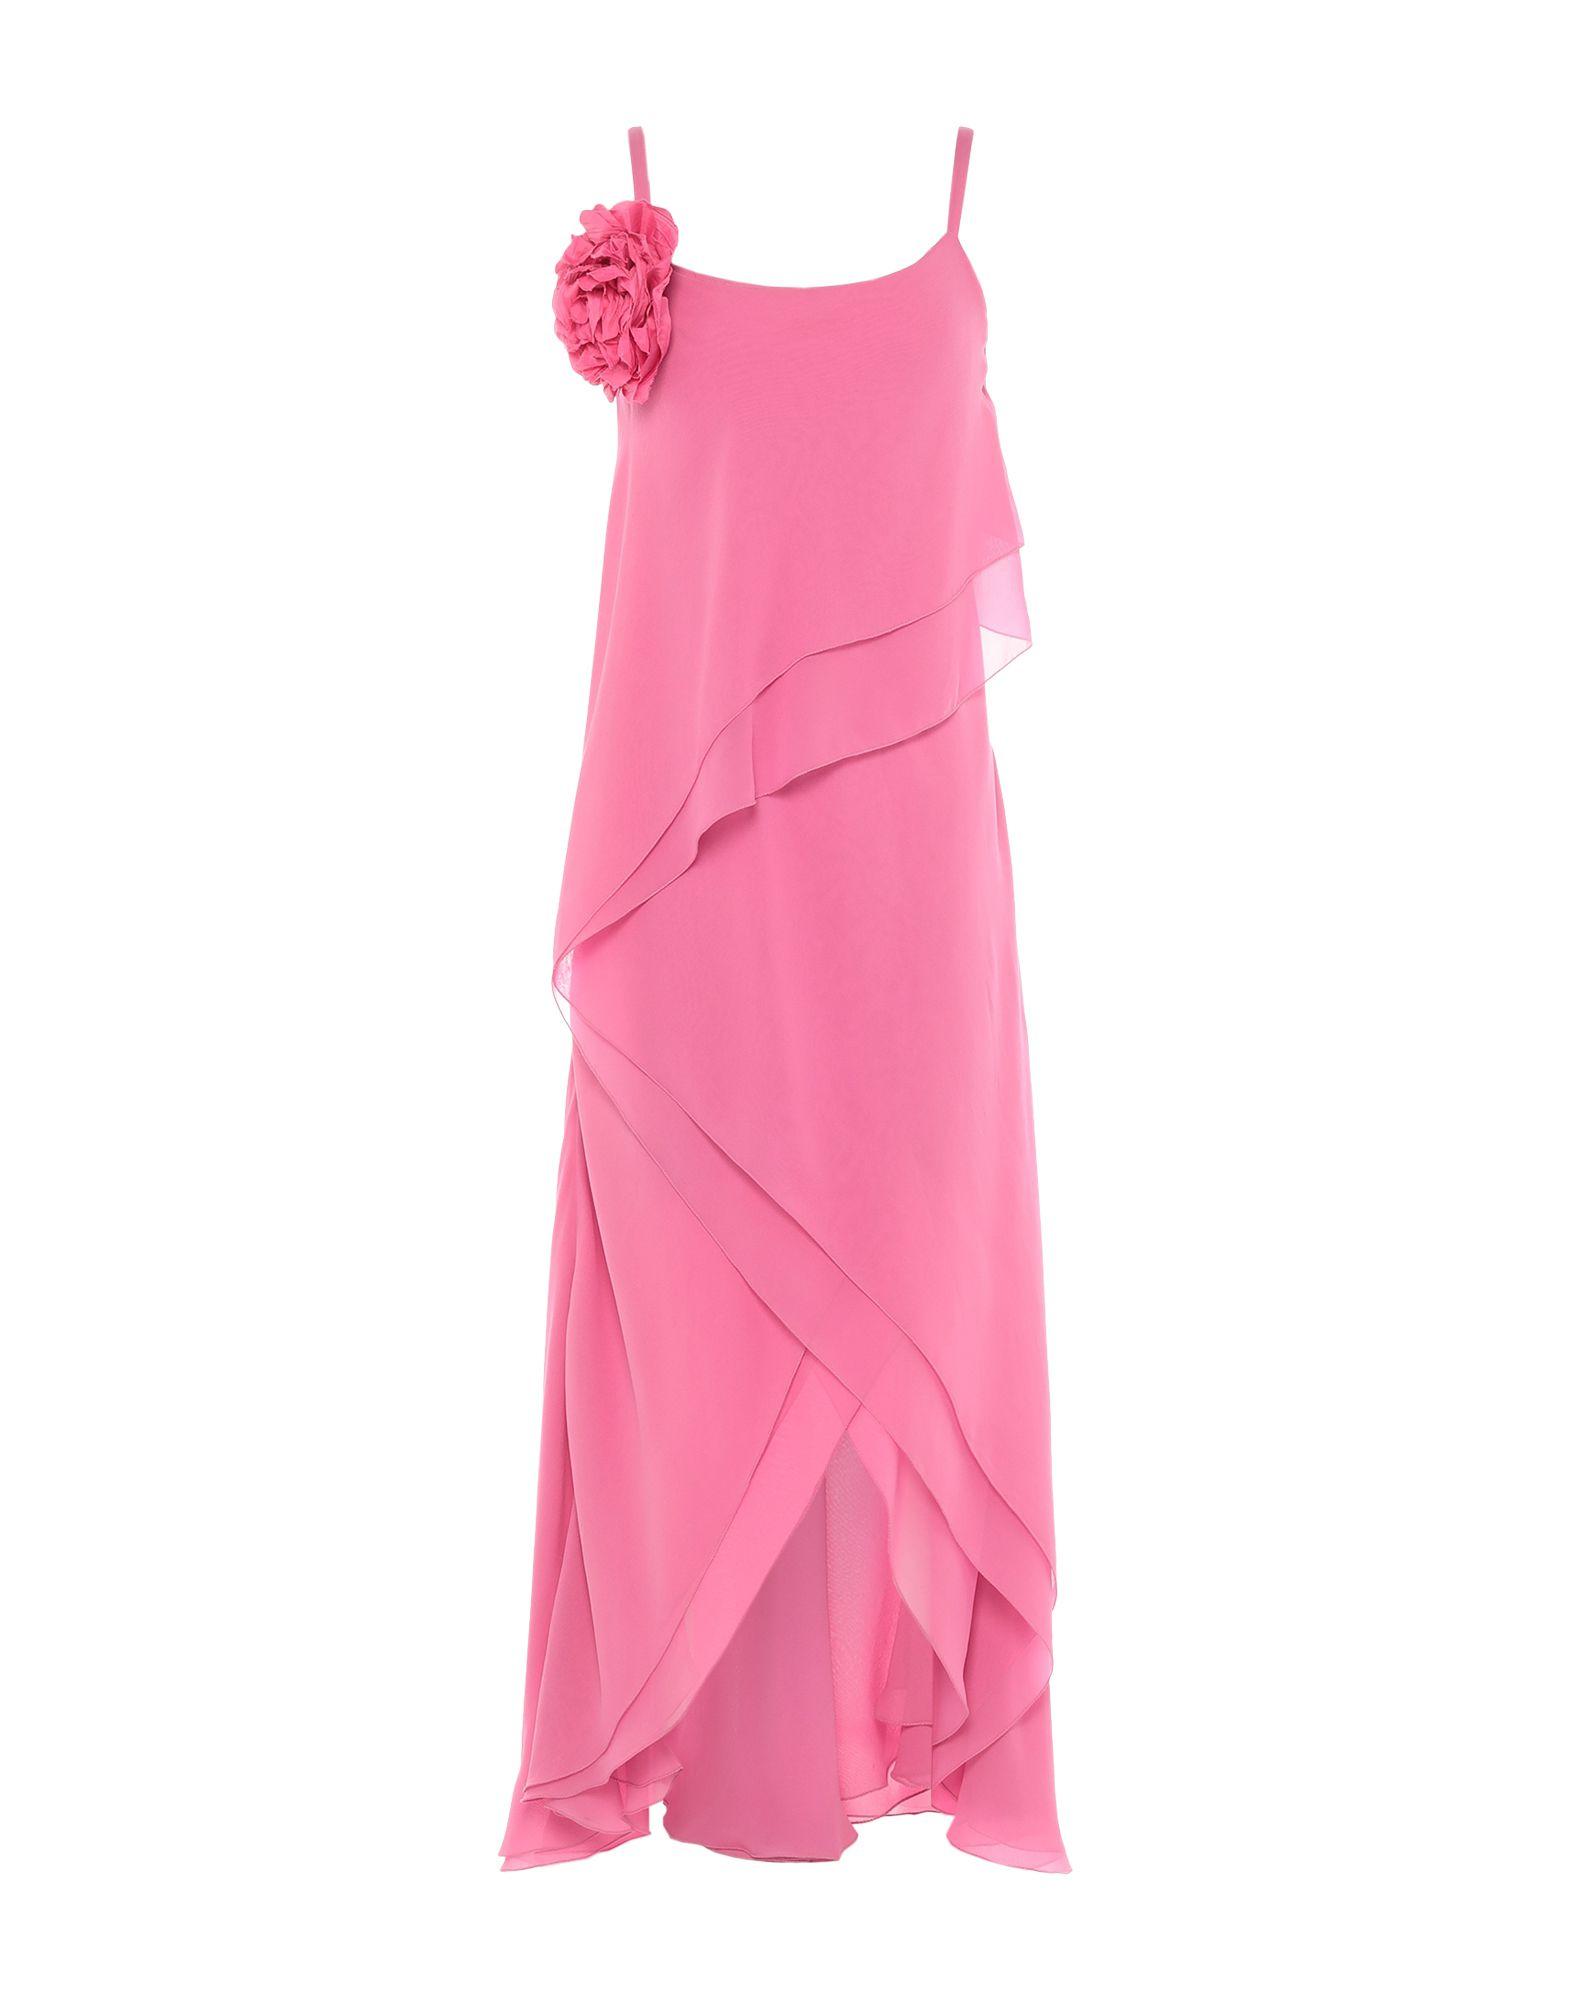 ANNA RACHELE BLACK LABEL Платье длиной 3/4 anna rachele black label длинное платье